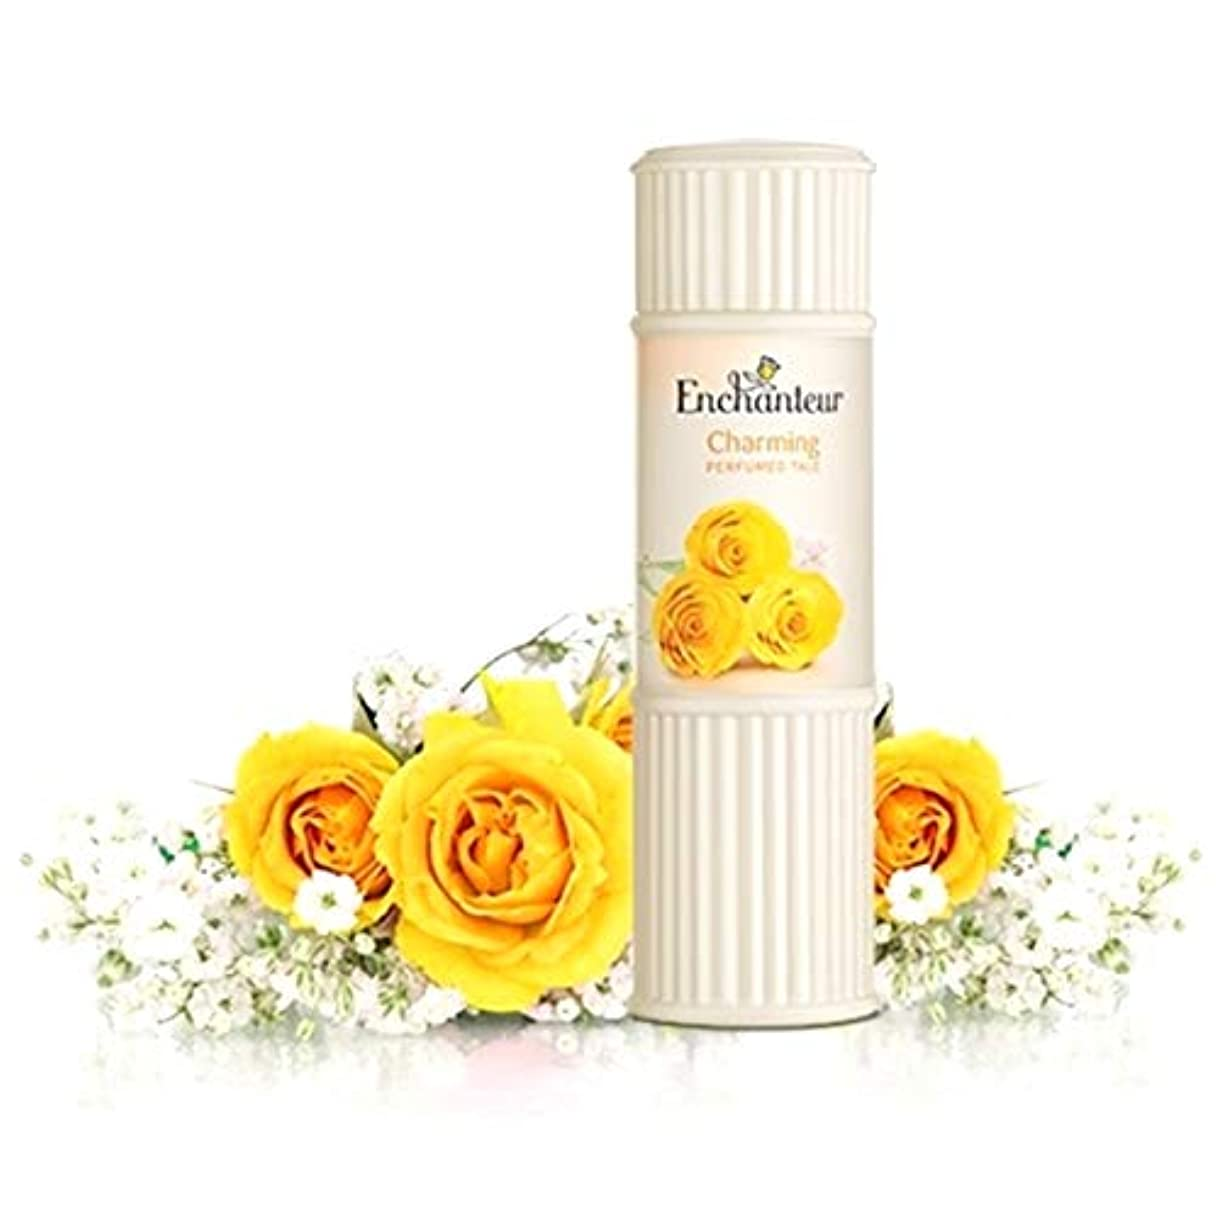 硬い美人積極的にEnchanteur Perfumed Talc アンシャンター パフュームタルク 100g オリジナルポーチ付き【並行輸入品】 (Charming)